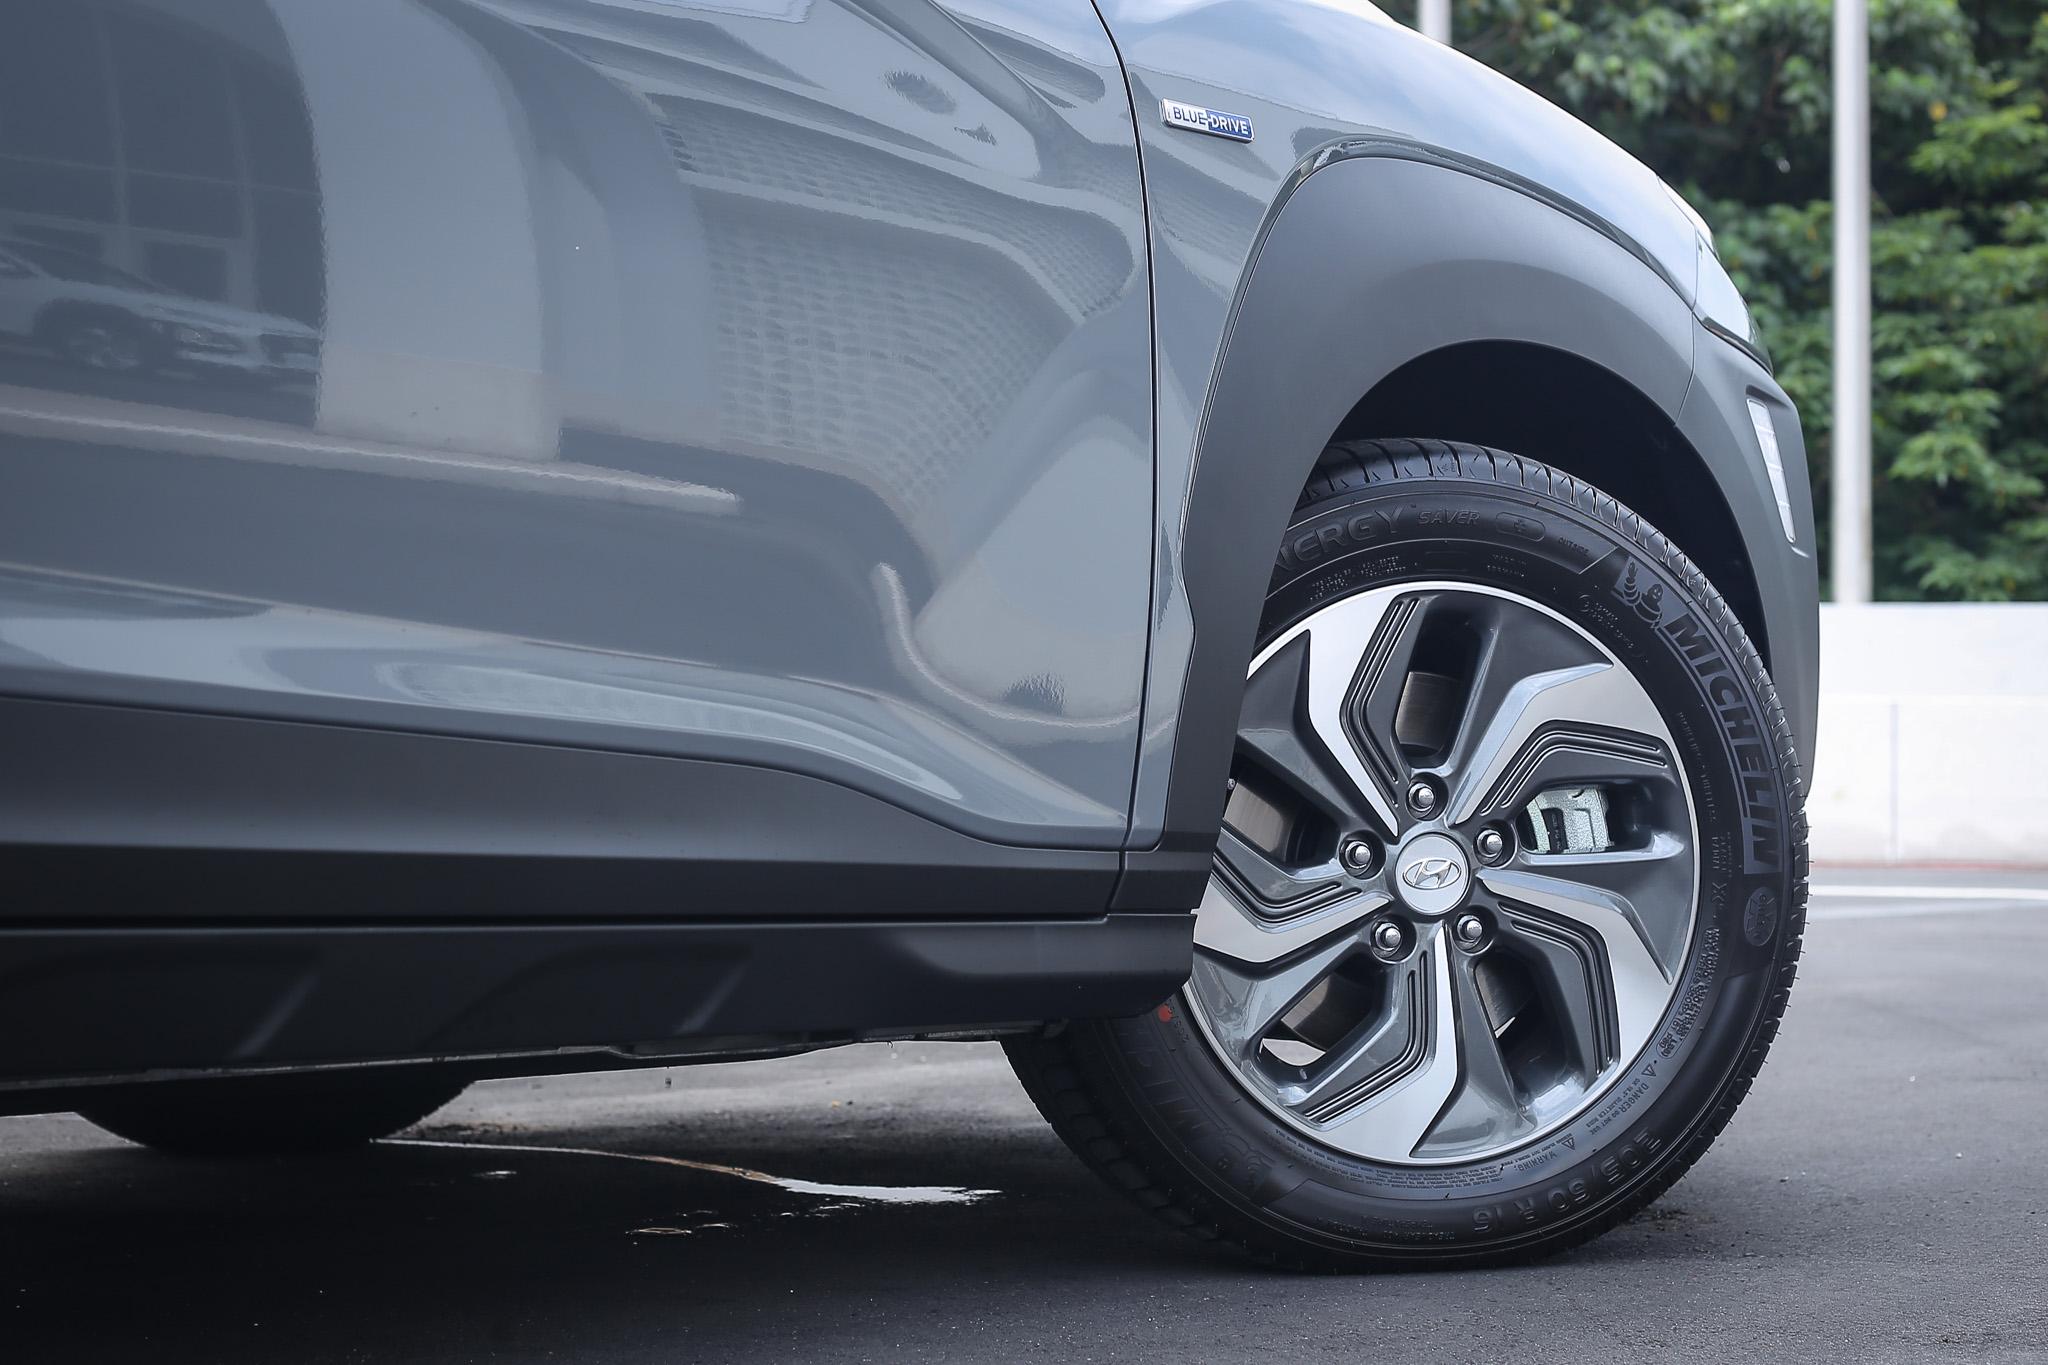 輪圈改為 16 吋,輪胎尺碼為 205/60R16。